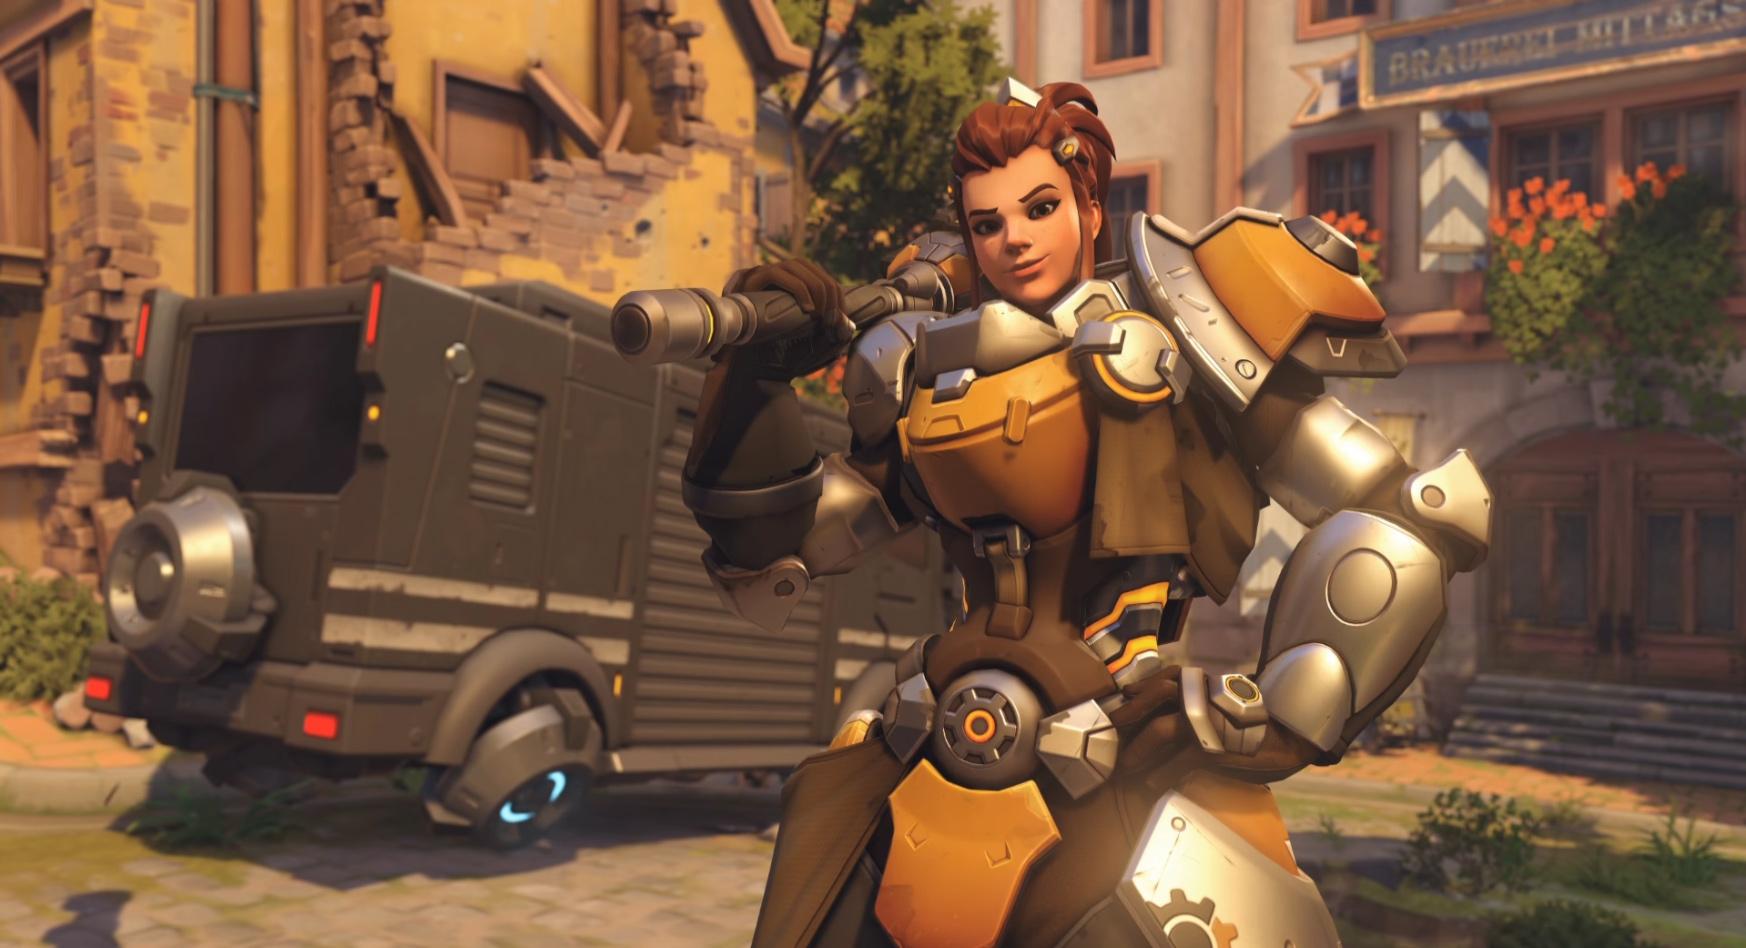 The Next Overwatch Hero Is Torbjorns Daughter Brigitte